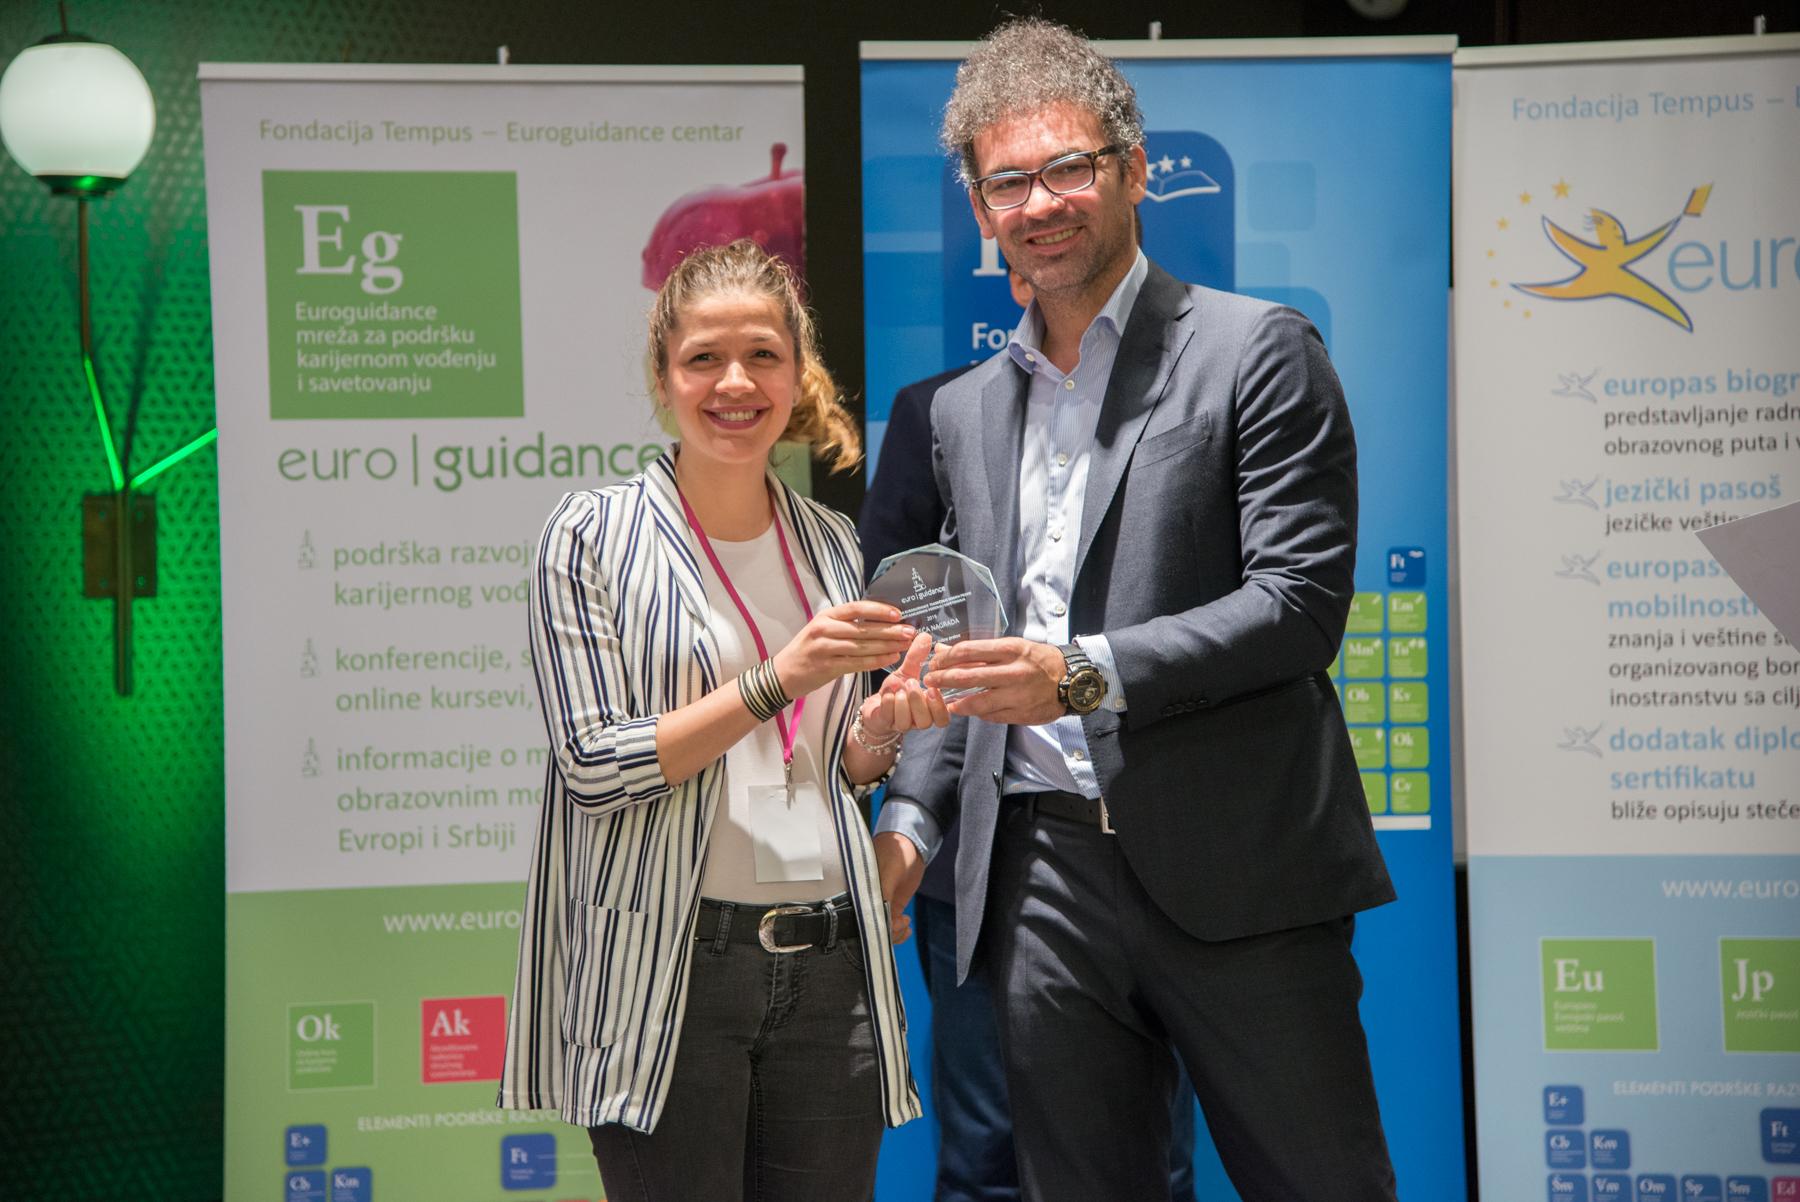 """Sedma Nacionalna Euroguidance konferencija ,,Karijerno vođenje i savetovanje u Republici Srbiji i Evropi"""""""